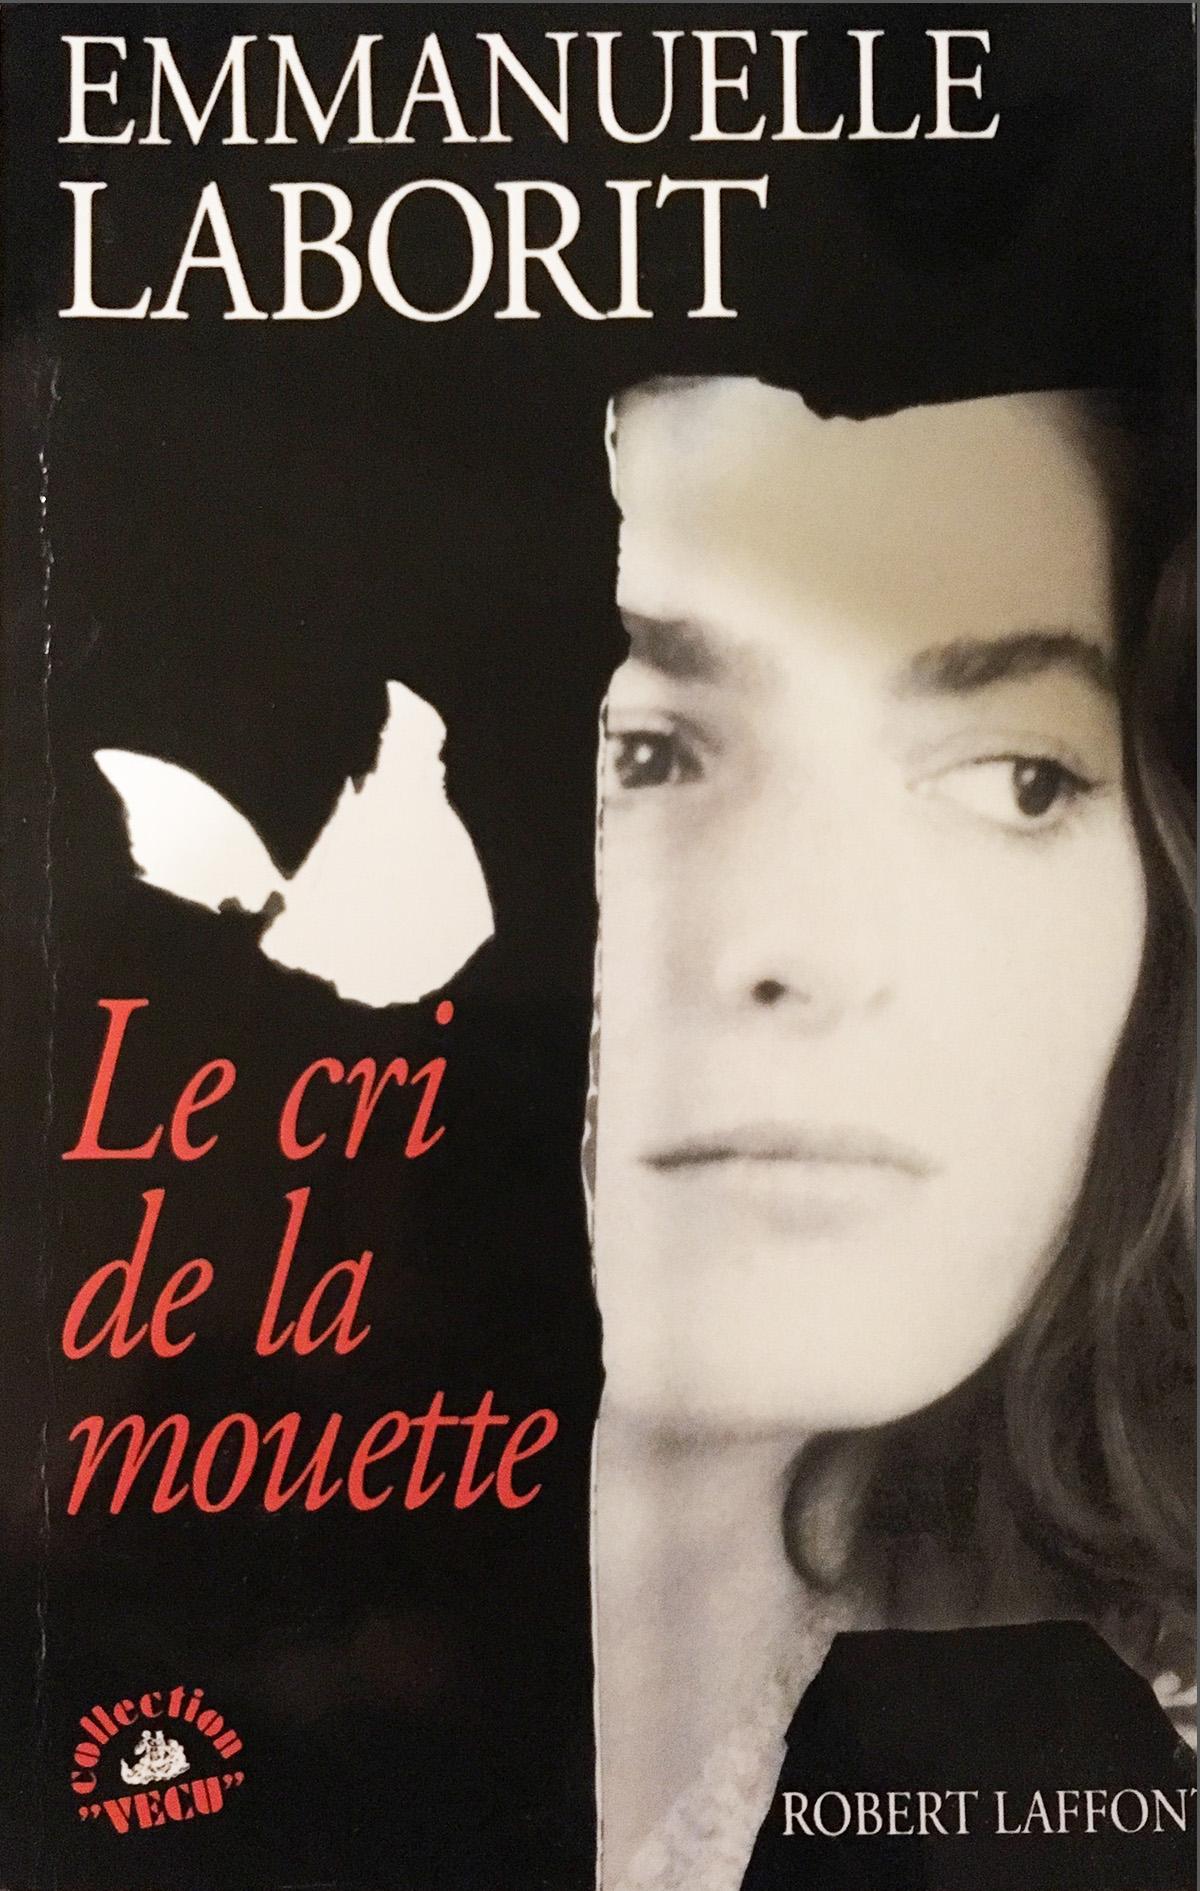 livre-leCridelamouette-Emmanuelle-Laborit